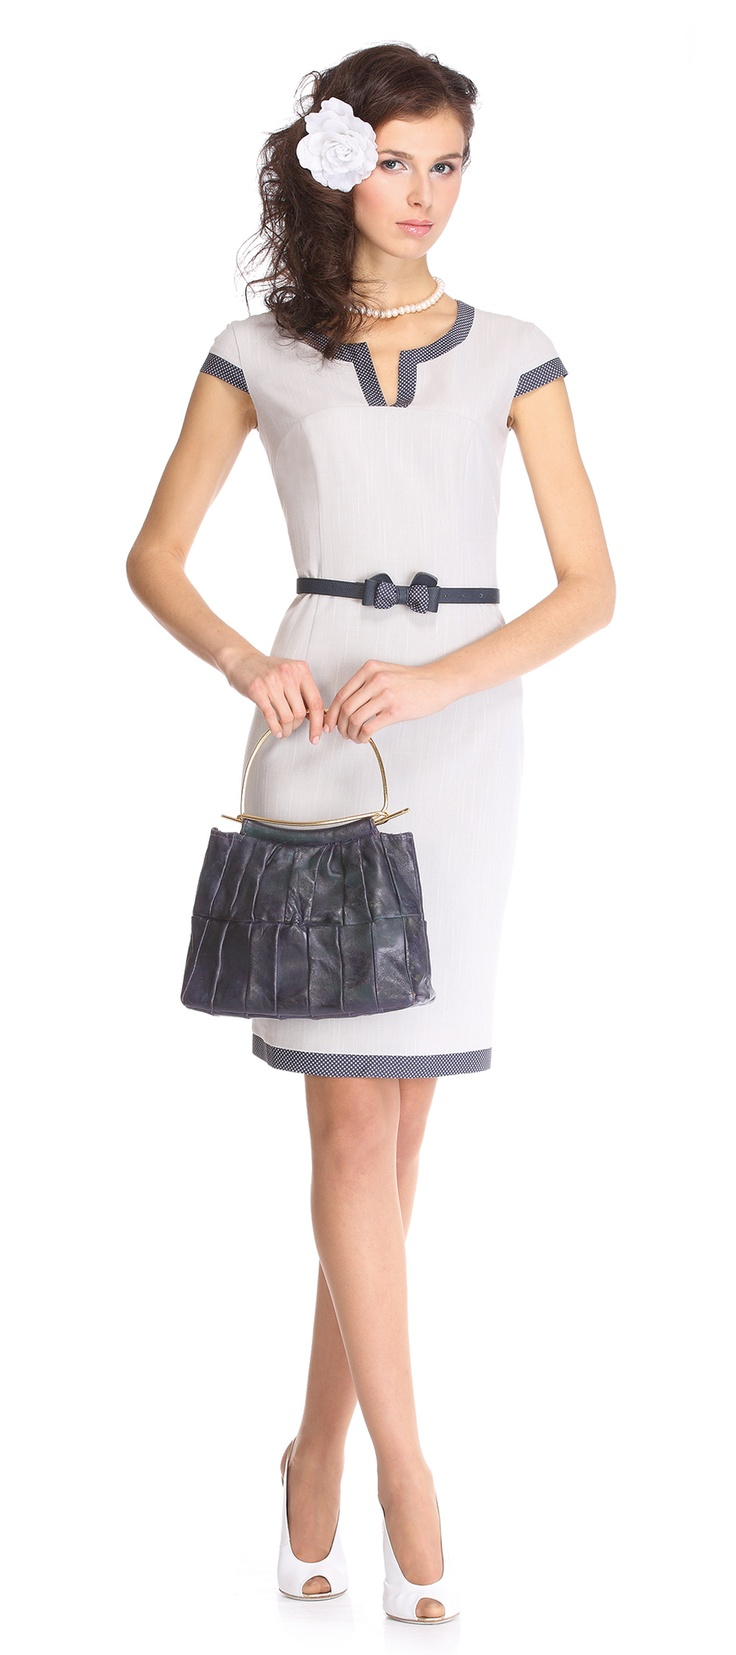 Dress DONATA-2 from Noche Mio